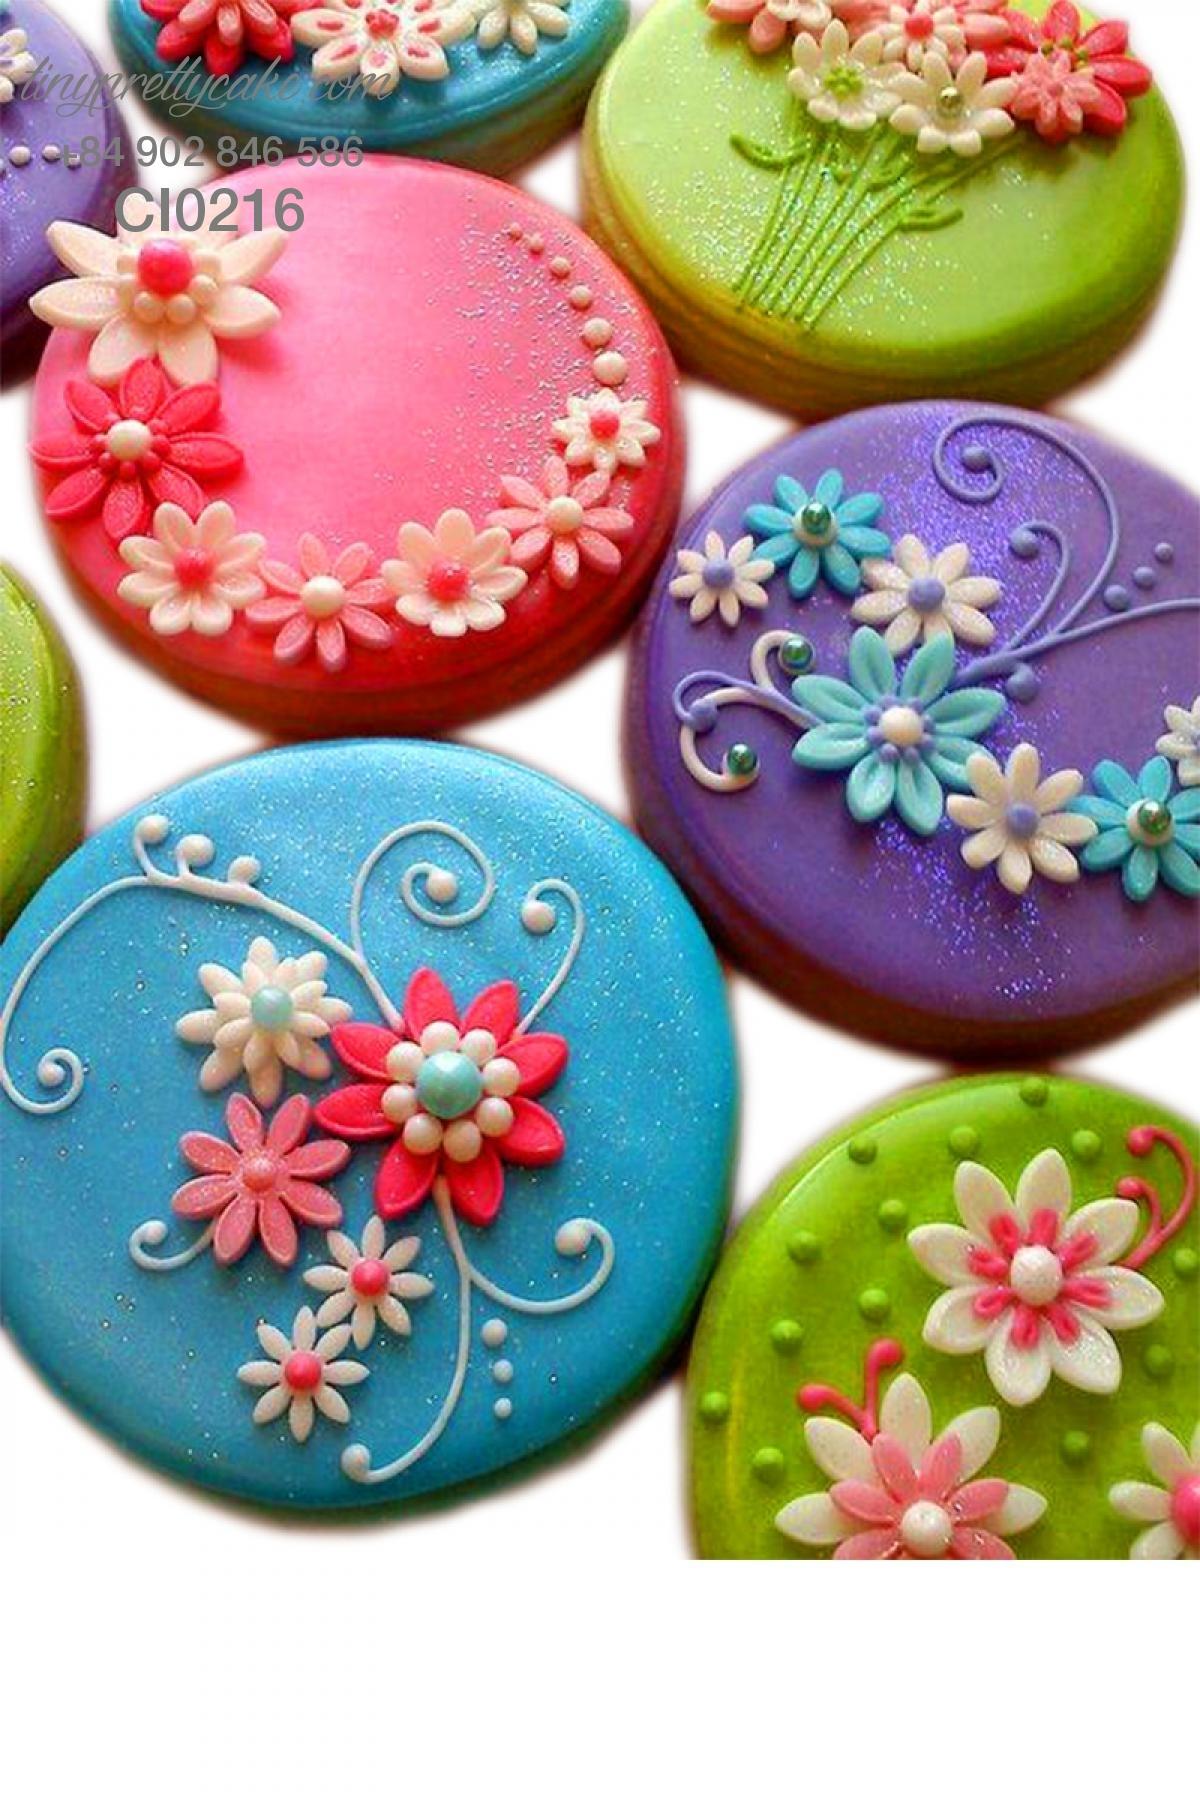 Cookie hoa mùa xuân cực đẹp cho phụ nữ (CI0216)